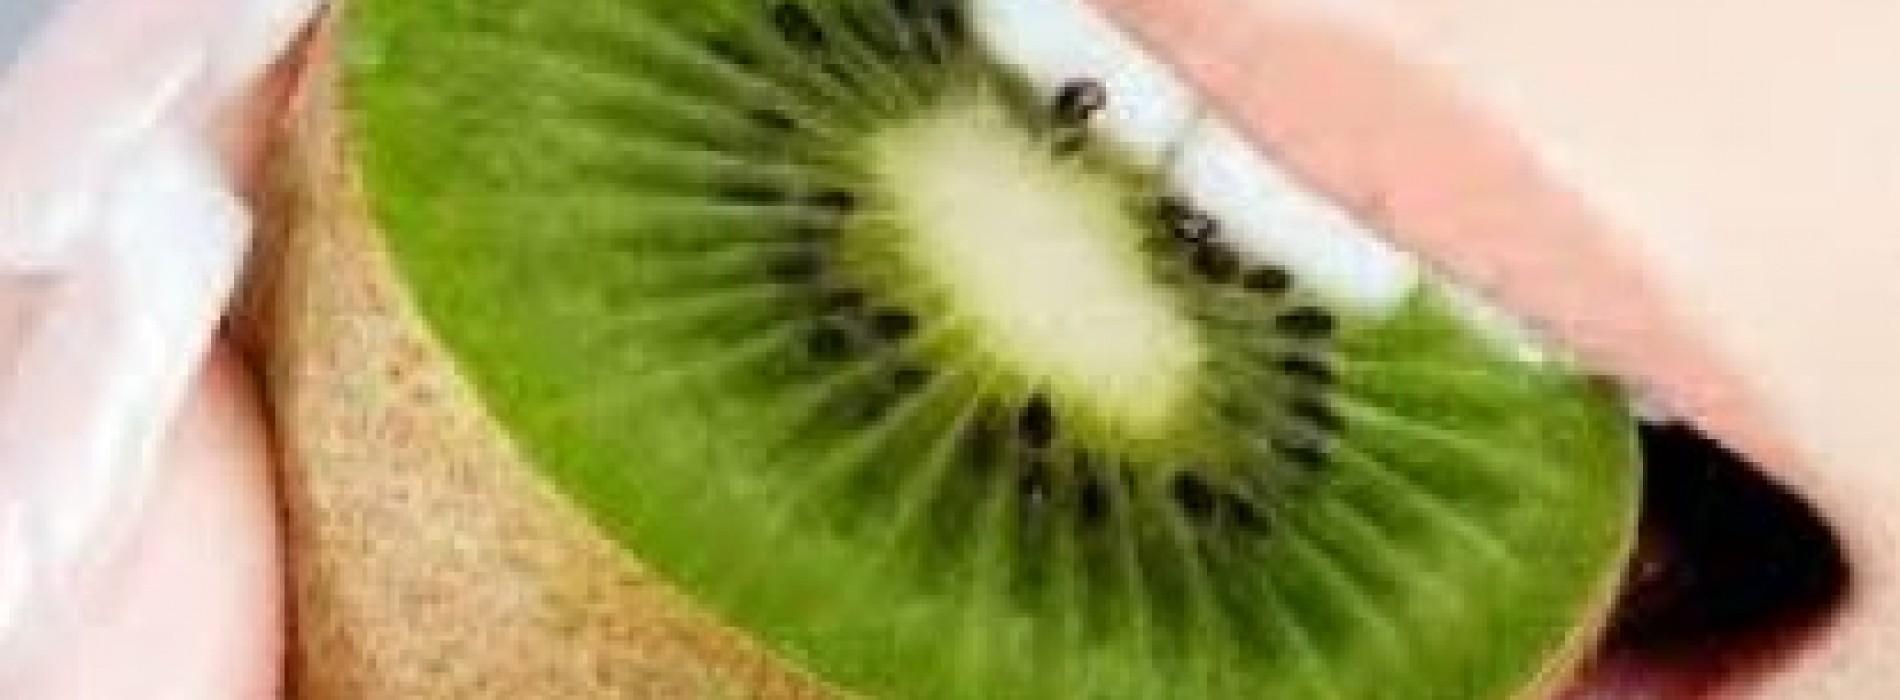 2 kiwi's eten voor je gaat slapen! Voor alle slechte slapers is dit misschien wel DE oplossing!